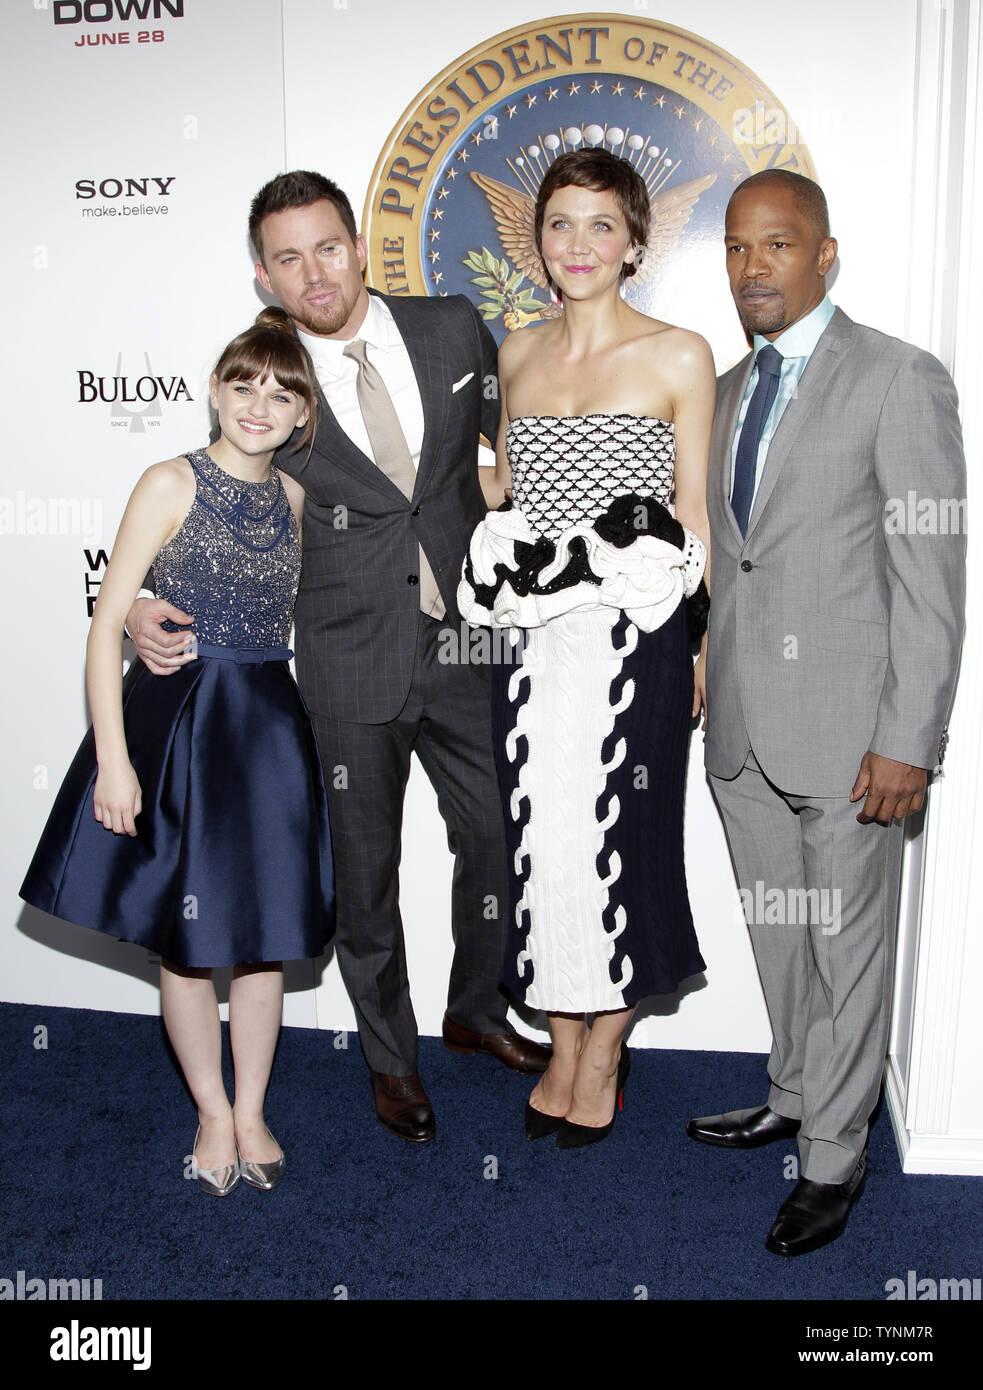 Joey King, Channing Tatum, Maggie Gyllenhaal und Jamie Foxx ankommen auf dem roten Teppich bei der Premiere von 'Weißen Haus' im Ziegfeld Theatre in New York City am 25. Juni 2013. UPI/John angelillo Stockbild